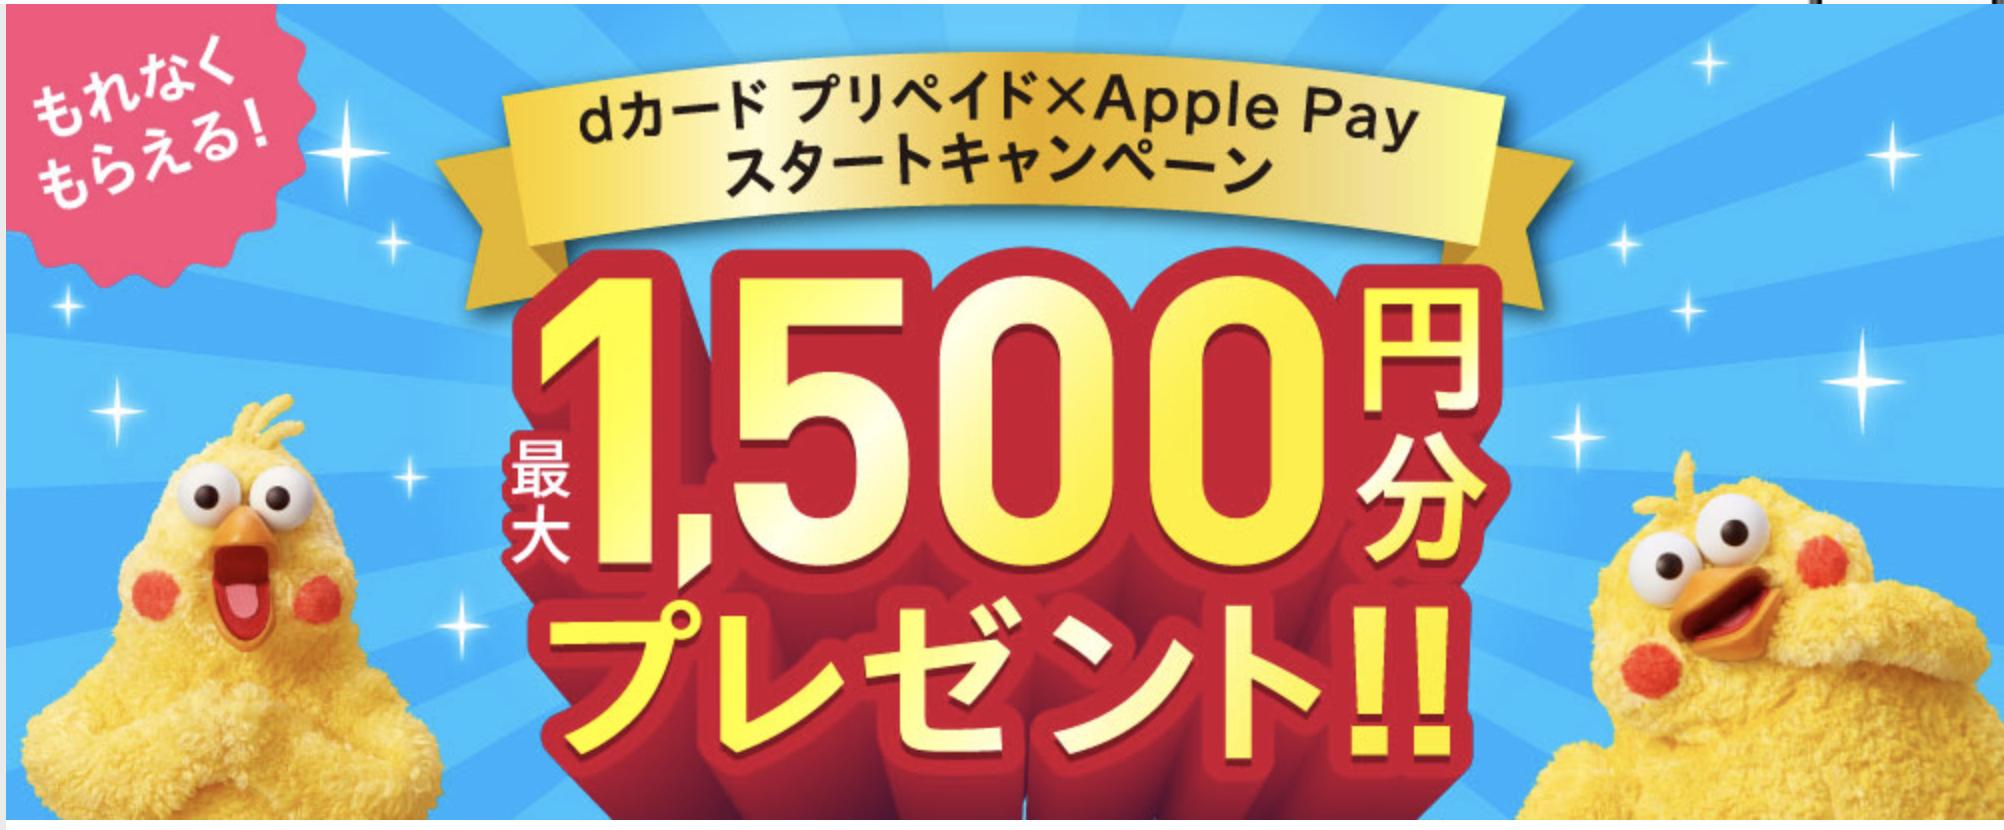 dカードプリペイド apple payキャンペーン